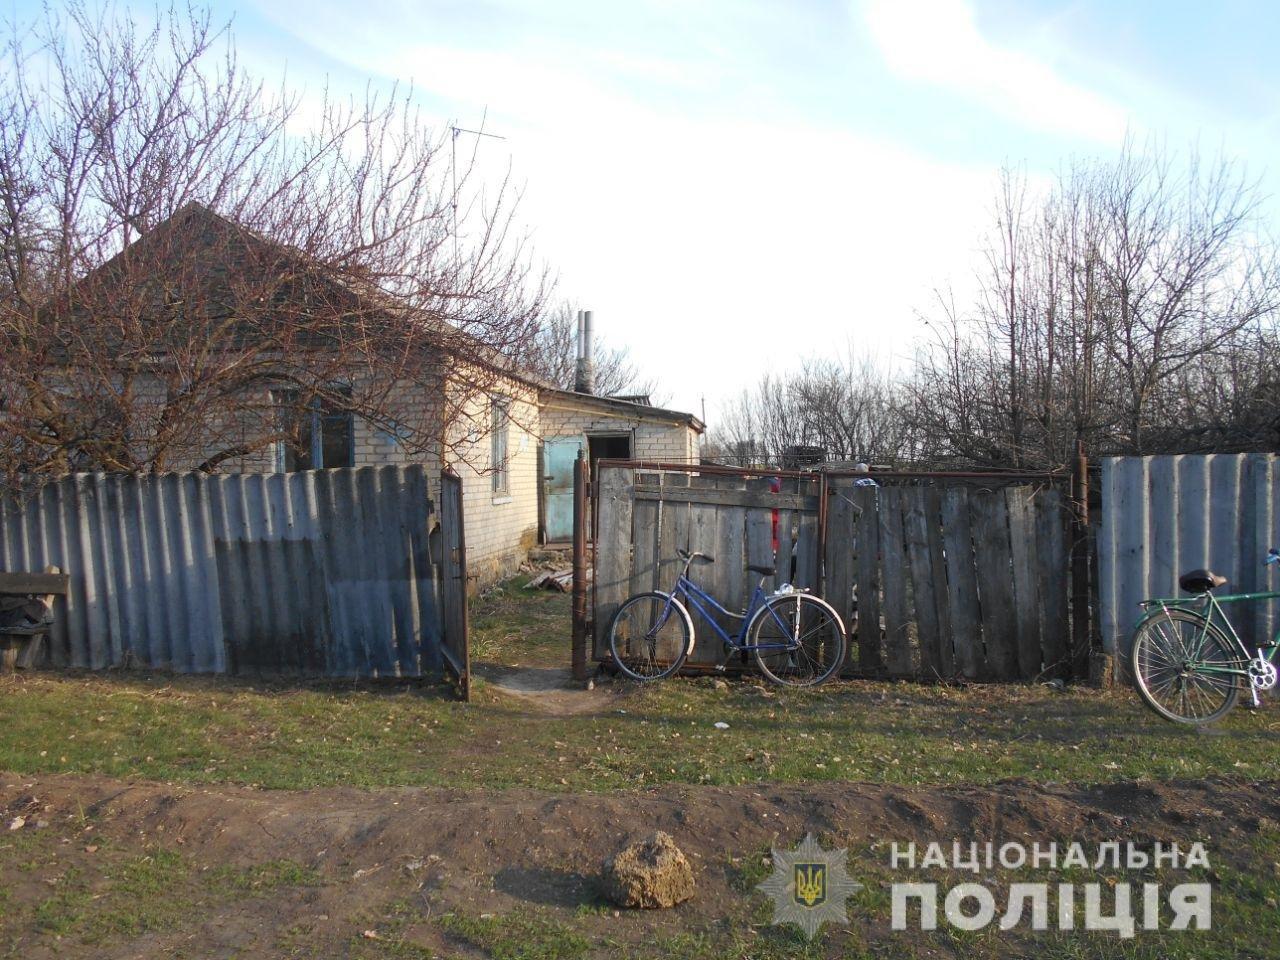 Порезал двух соседей: на Харьковщине мужчина с кухонным ножом напал на своих знакомых, - ФОТО, фото-1